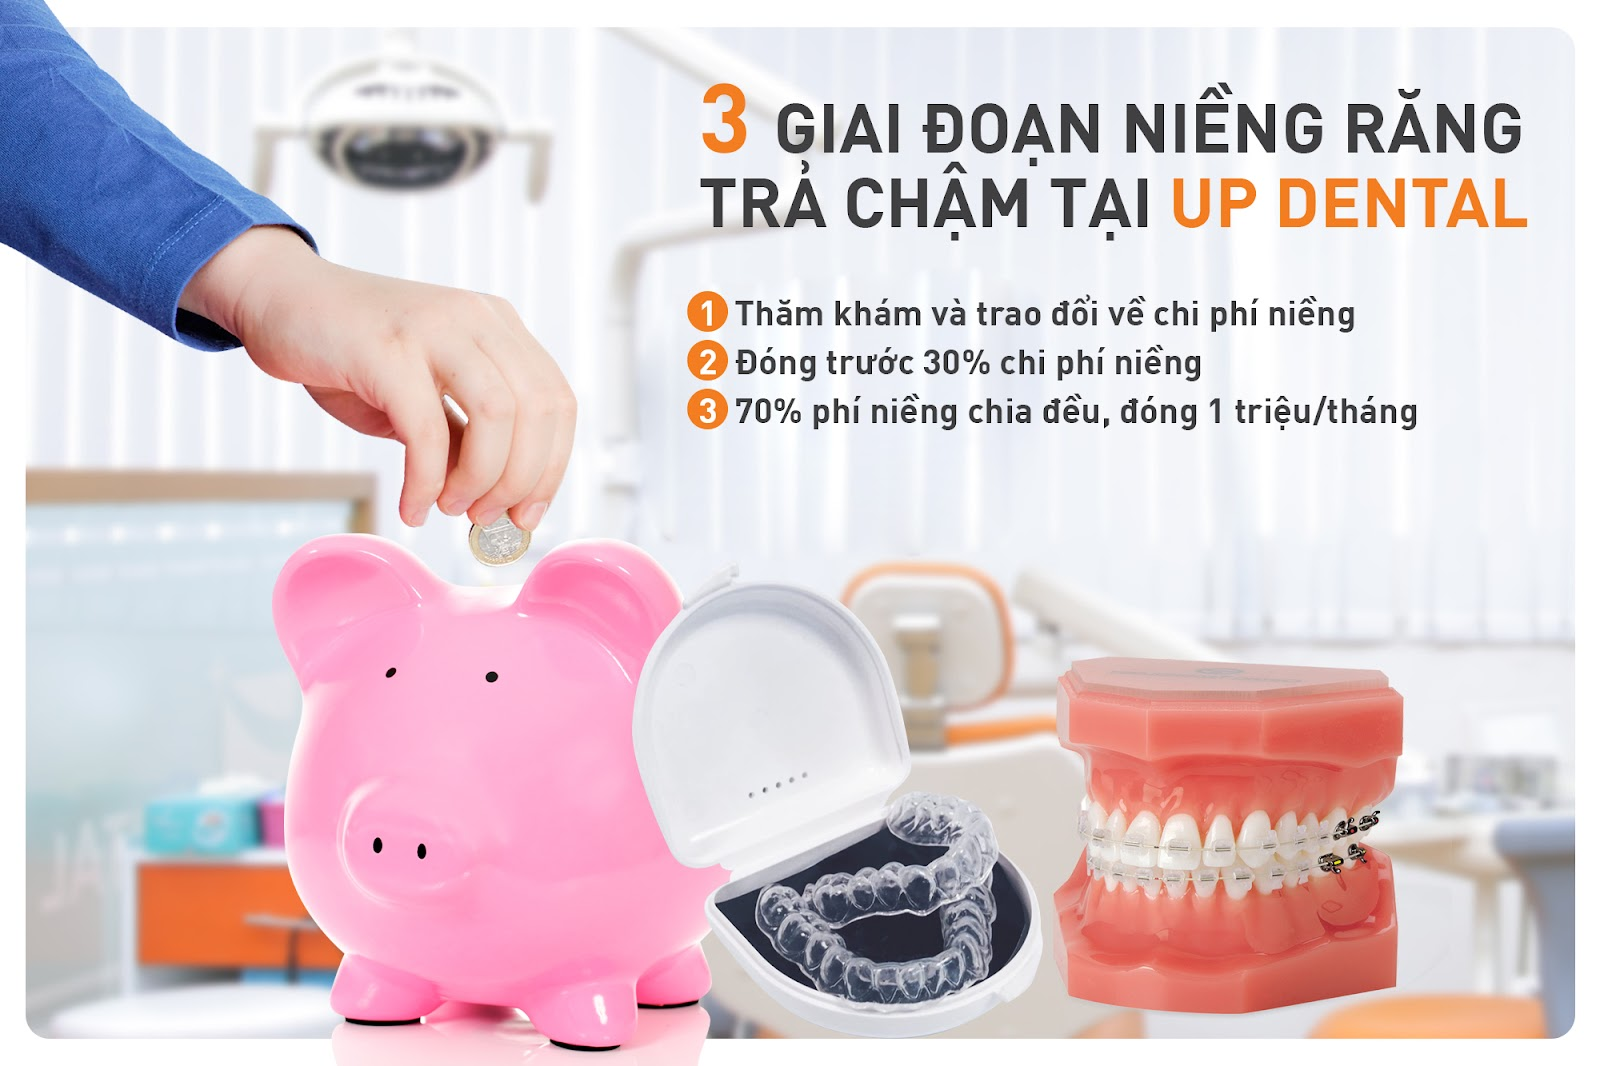 niềng răng trả góp 1 triệu/tháng